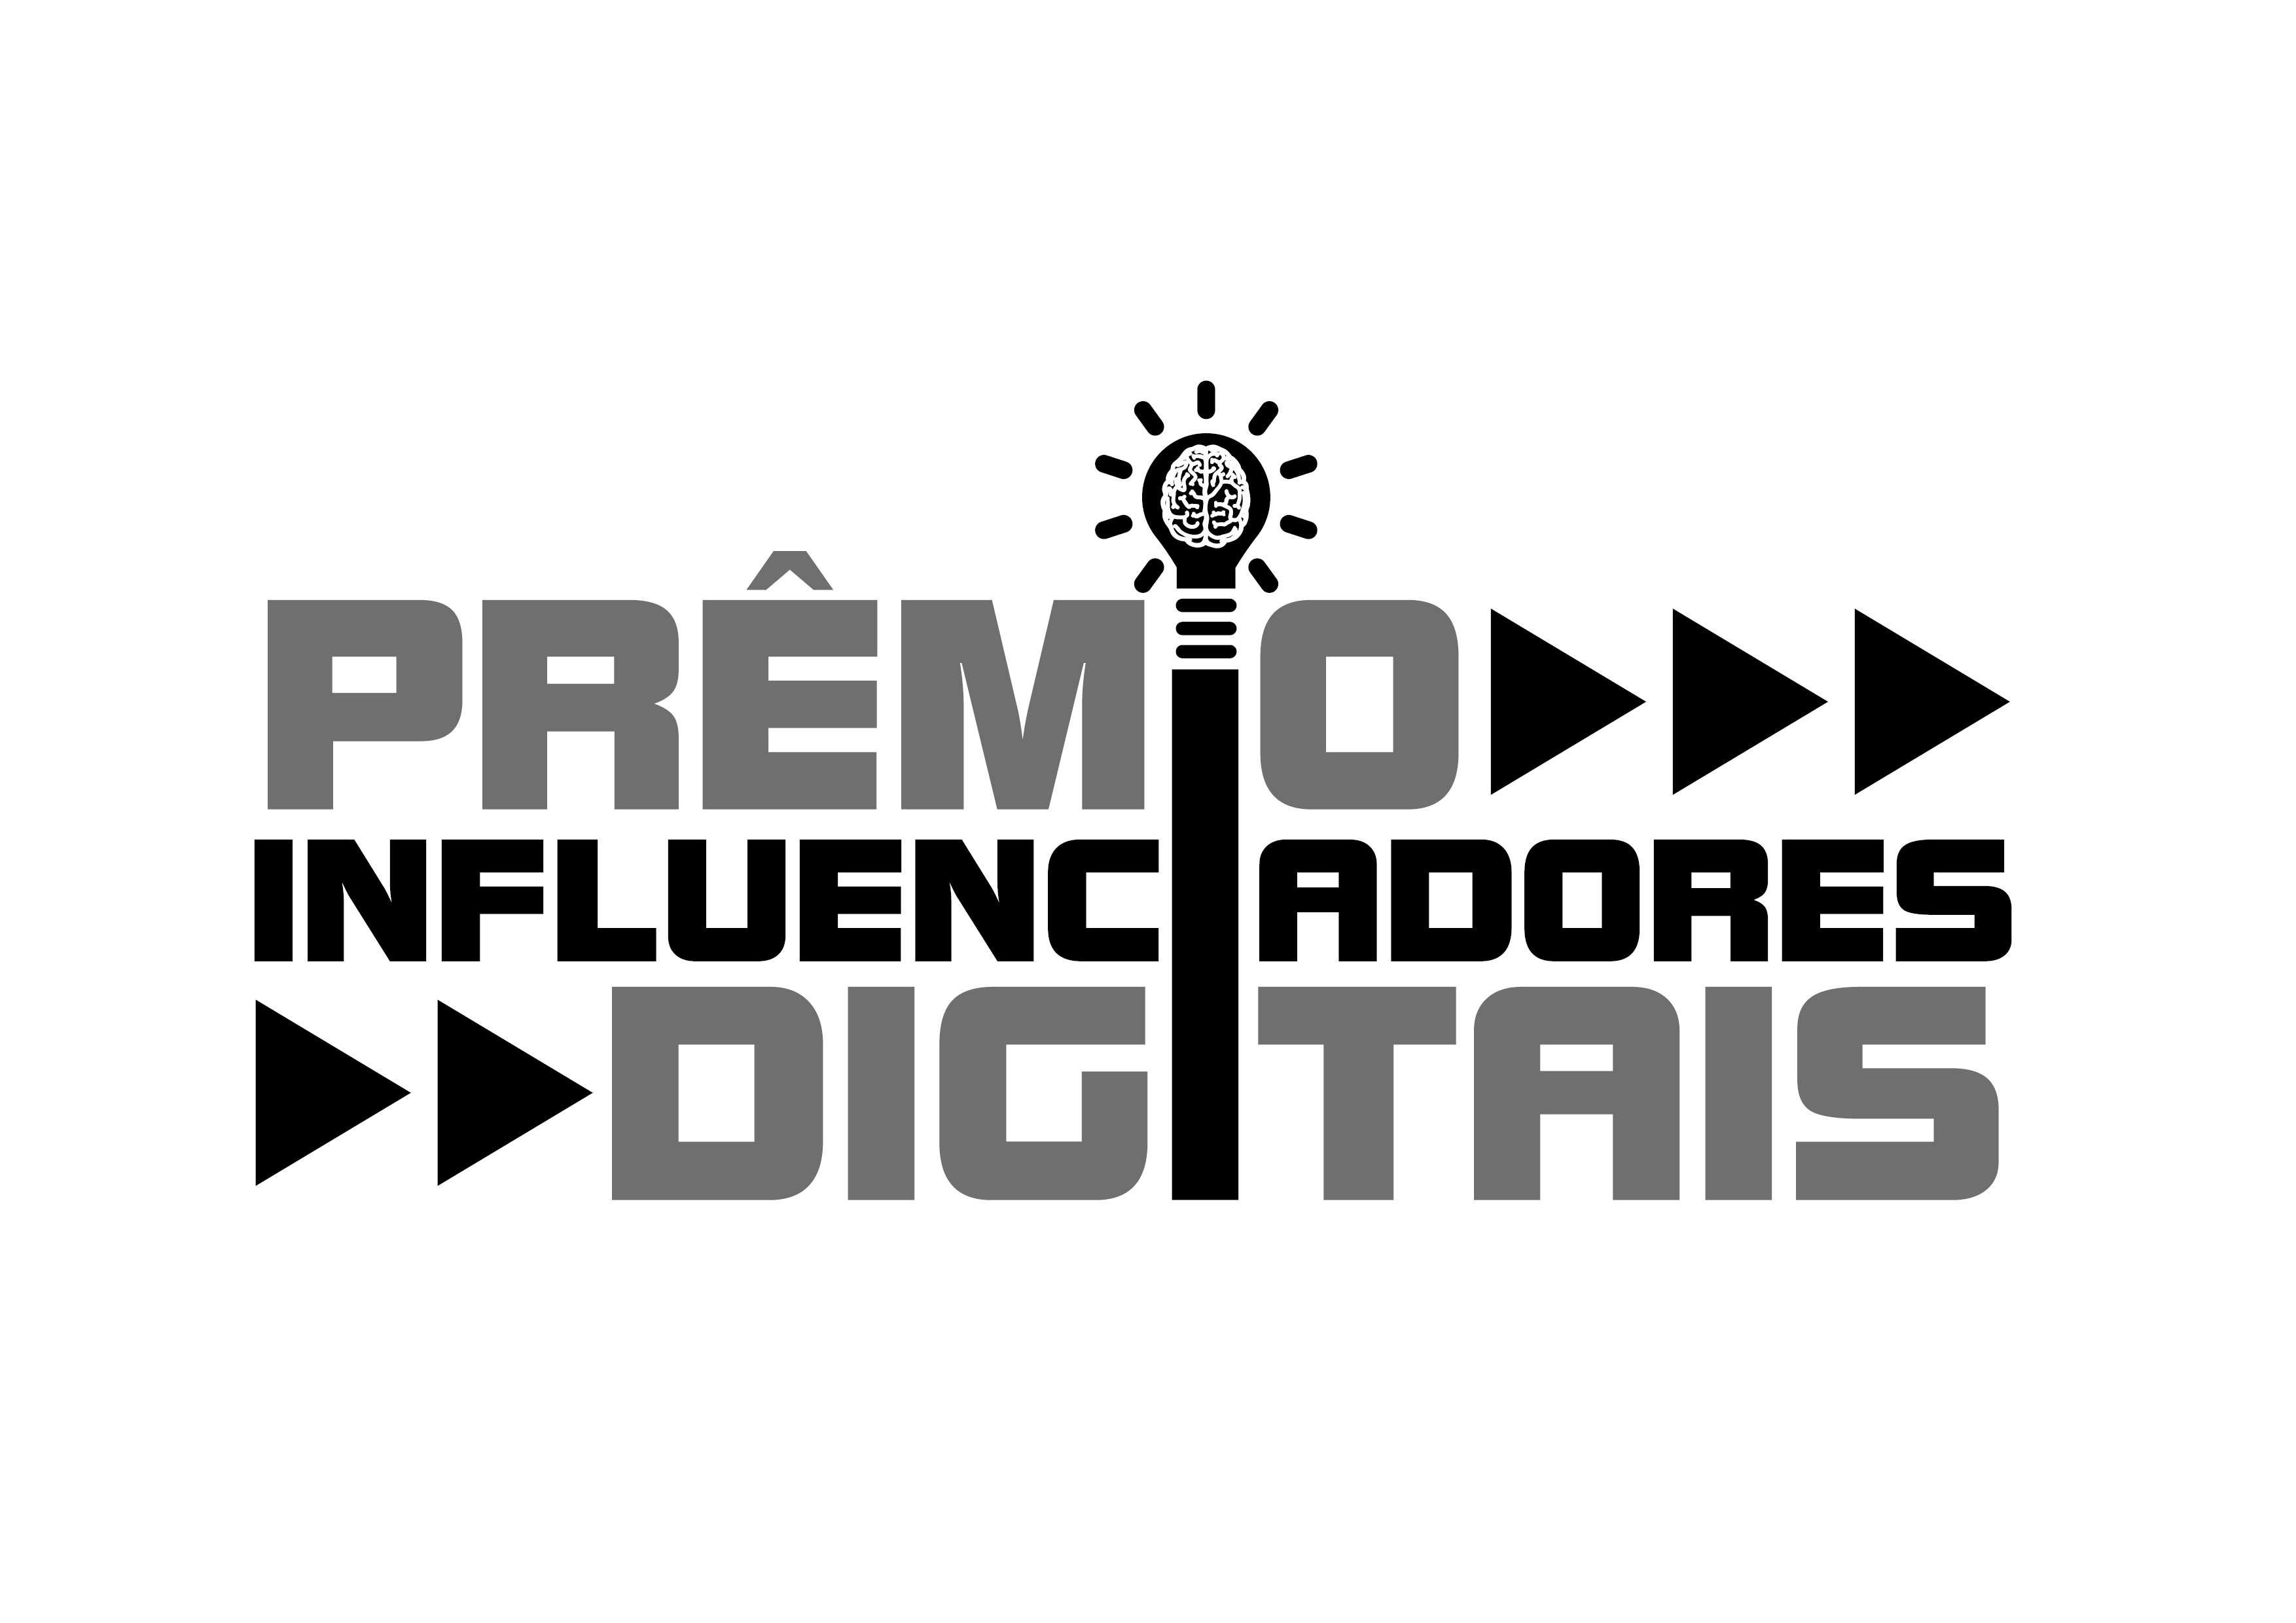 Prêmio Influenciadores Digitais 2019 e V Influent Minds